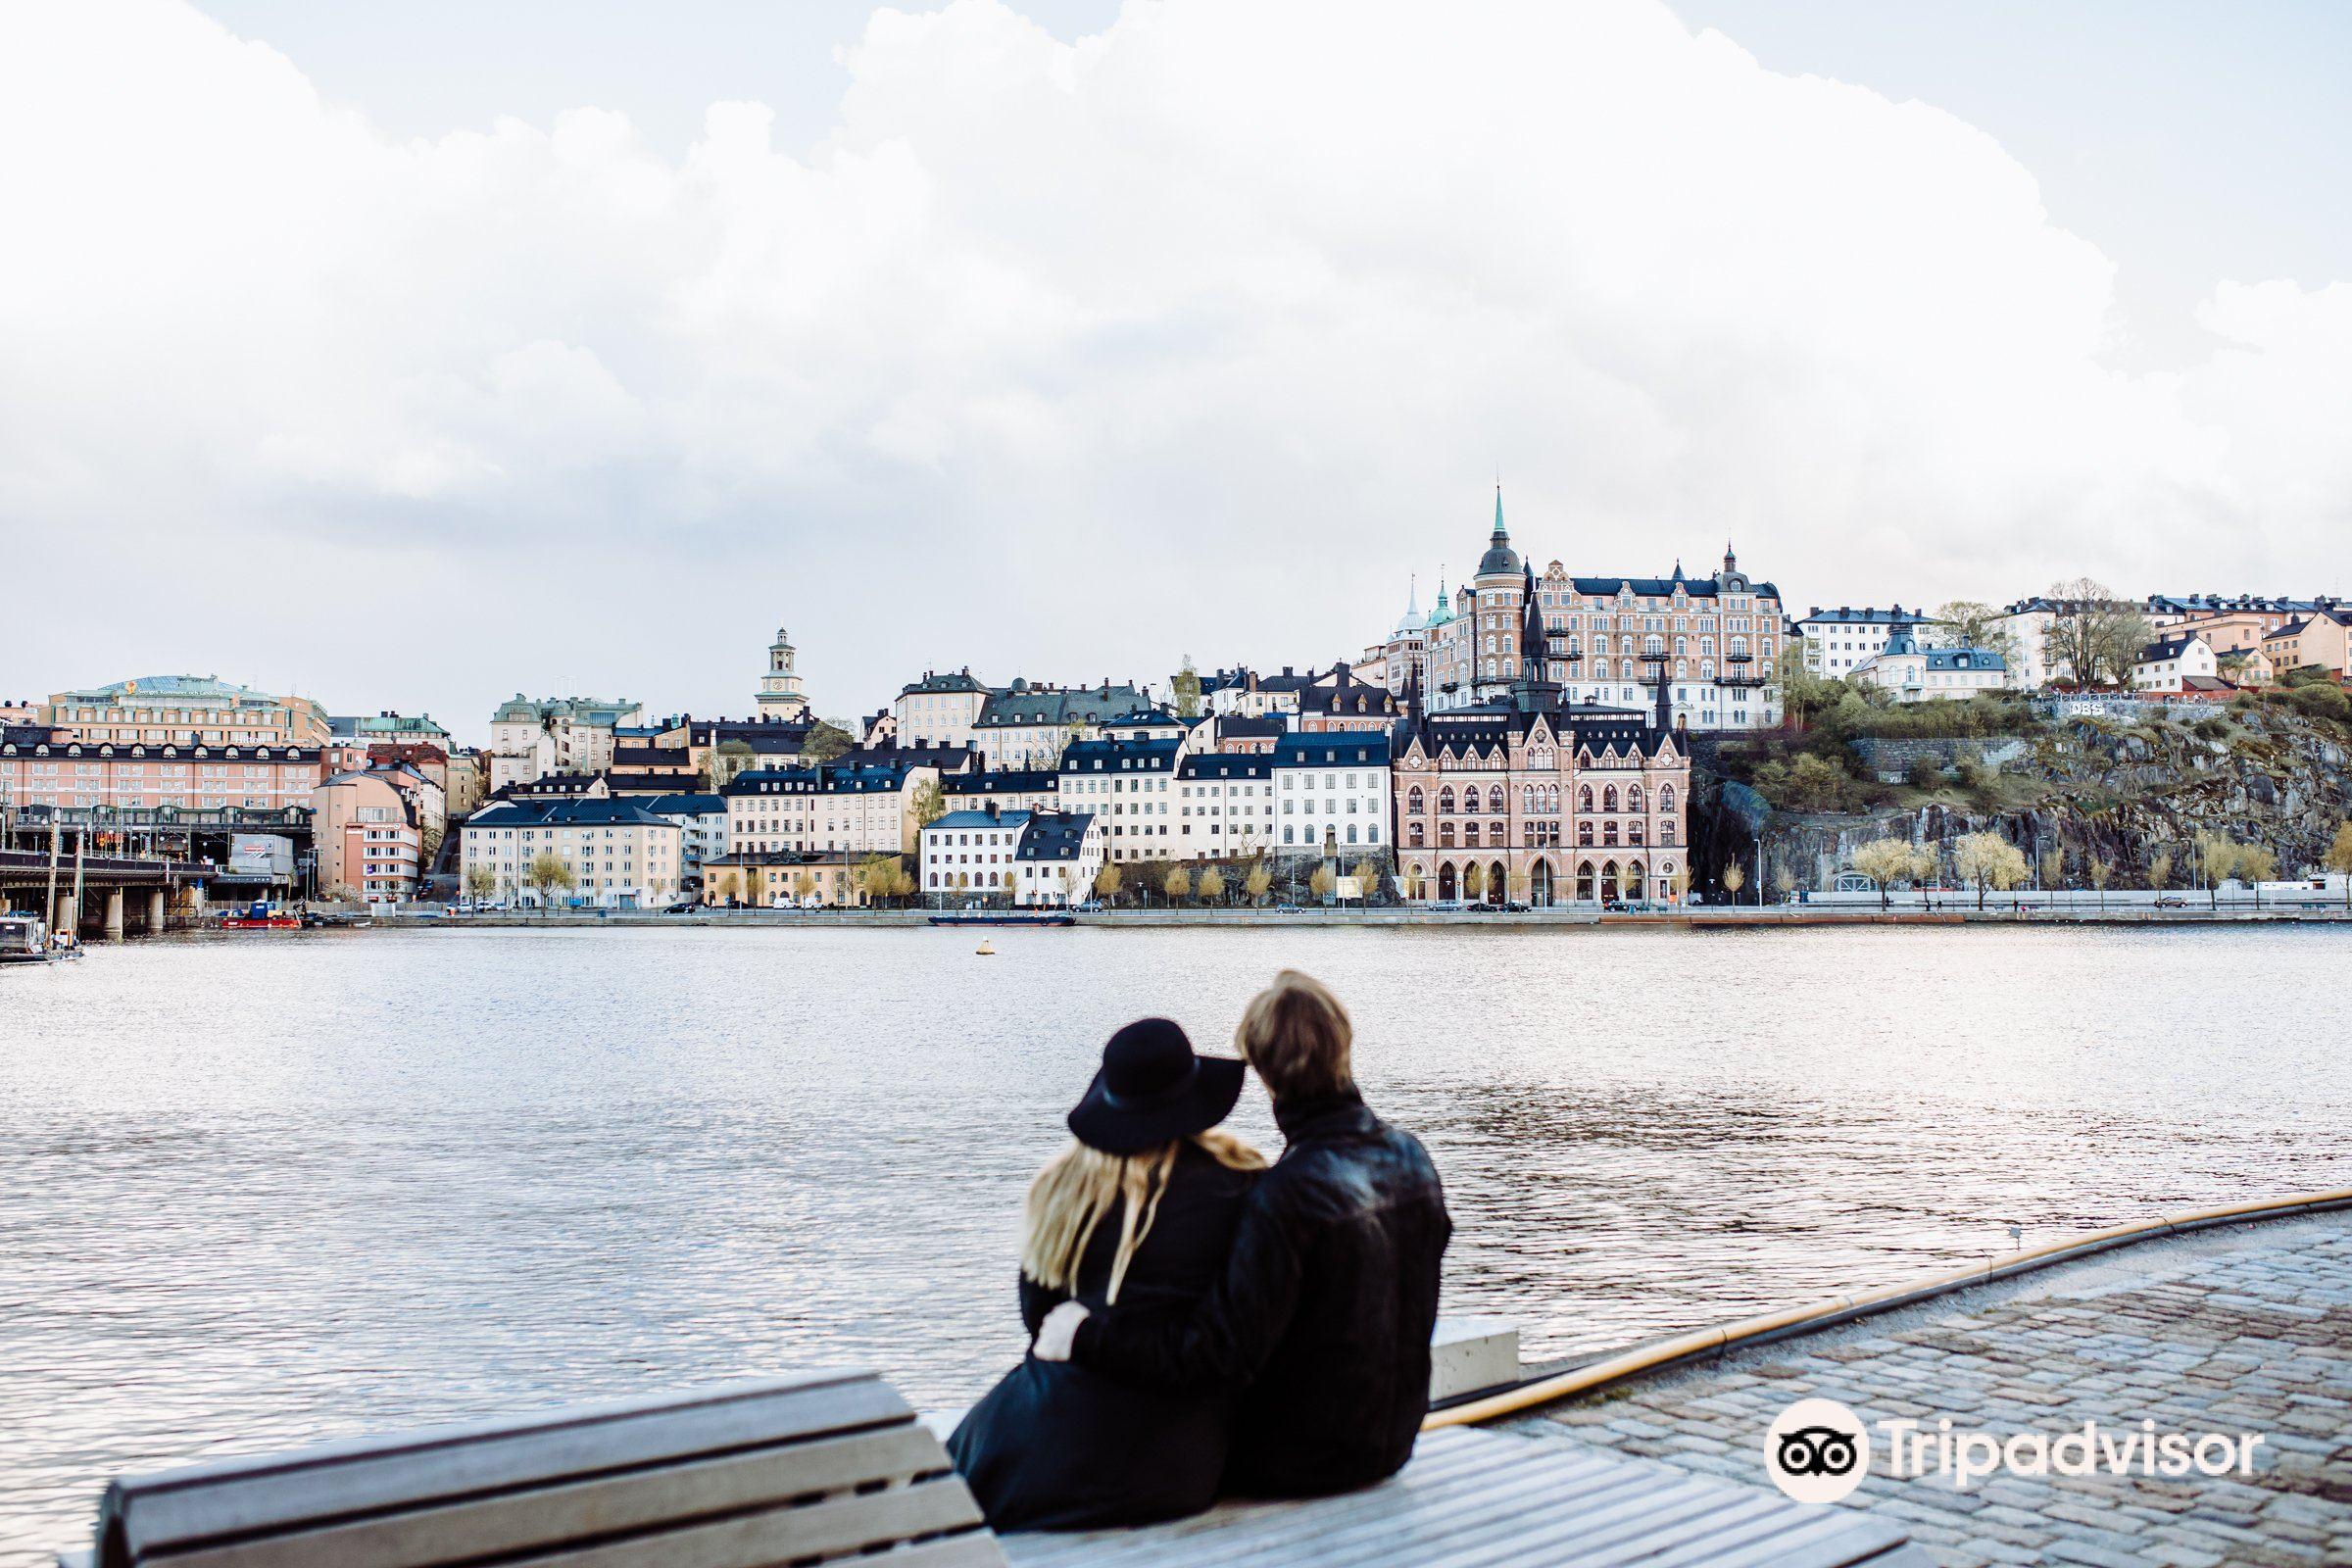 800 nya bostder i Flemingsberg: stockholm - Reddit